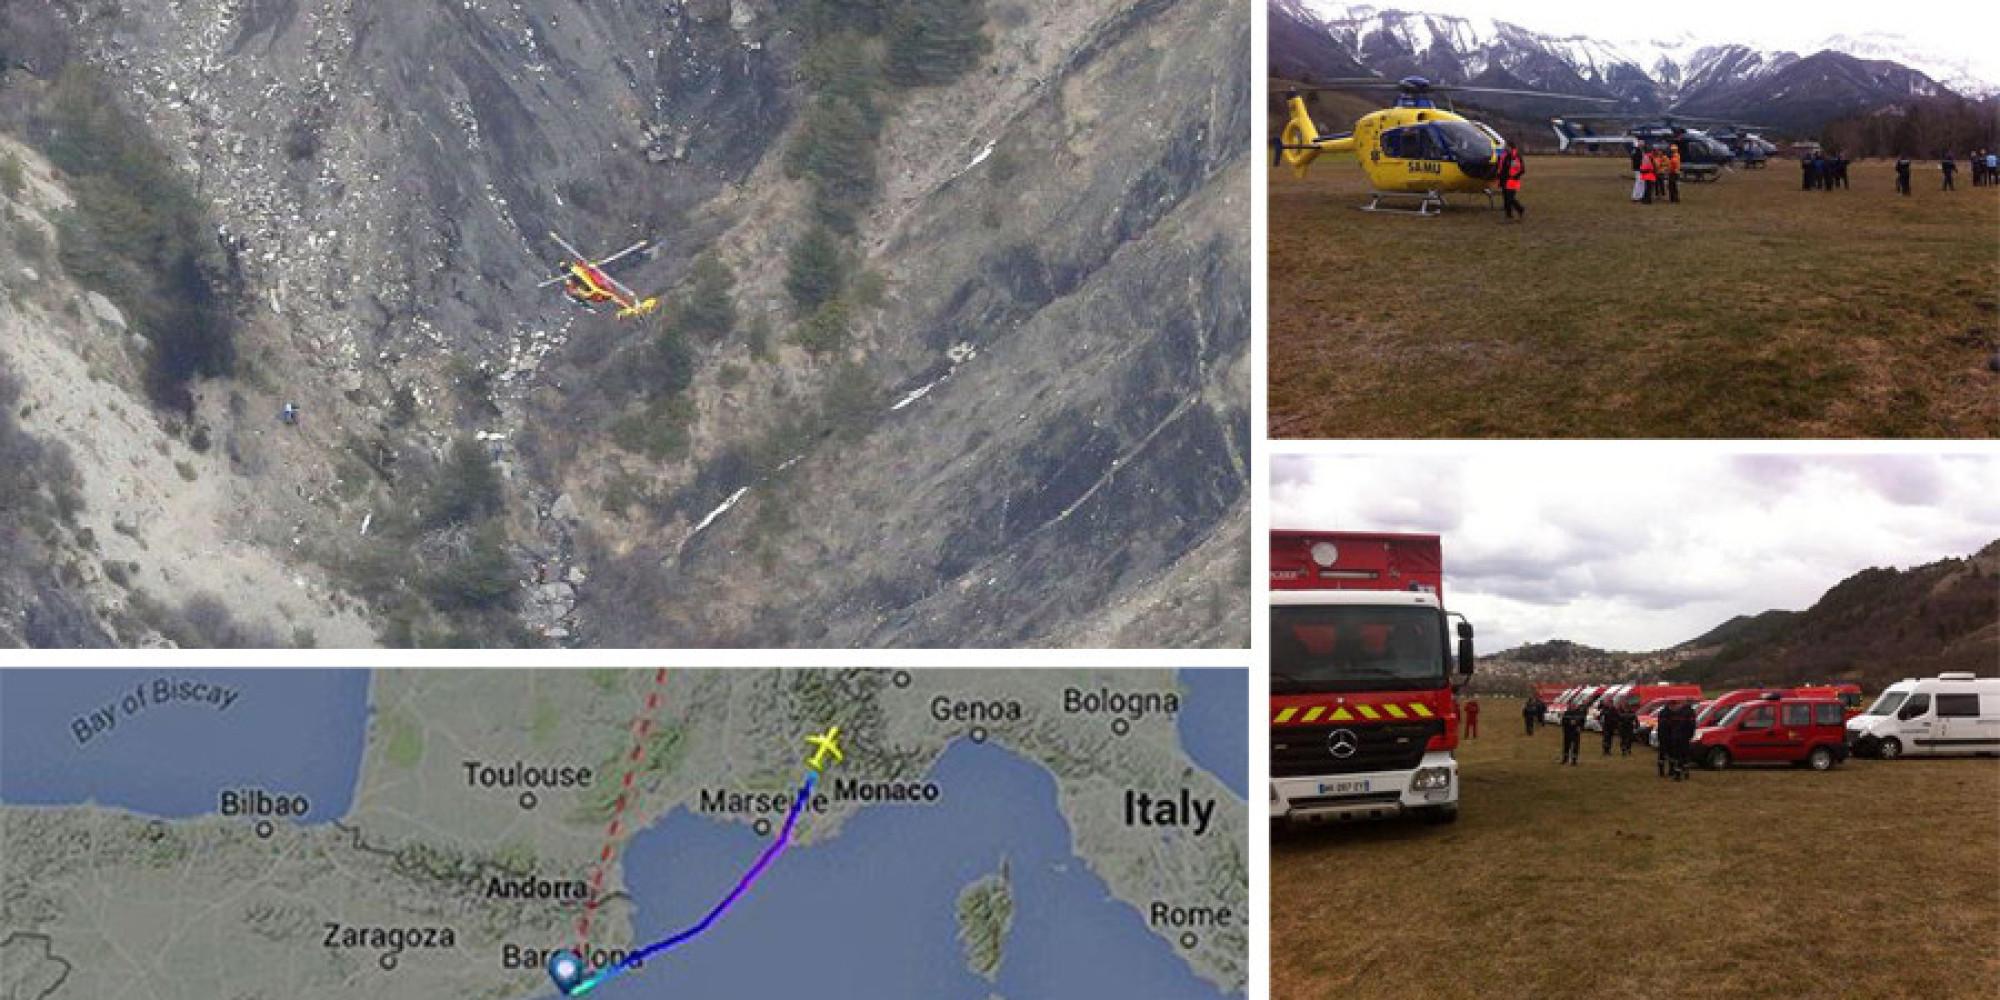 En direct crash du vol germanwings 9525 les derni res informations sur l 39 airbus a320 qui s - Bureau enquete accident avion ...